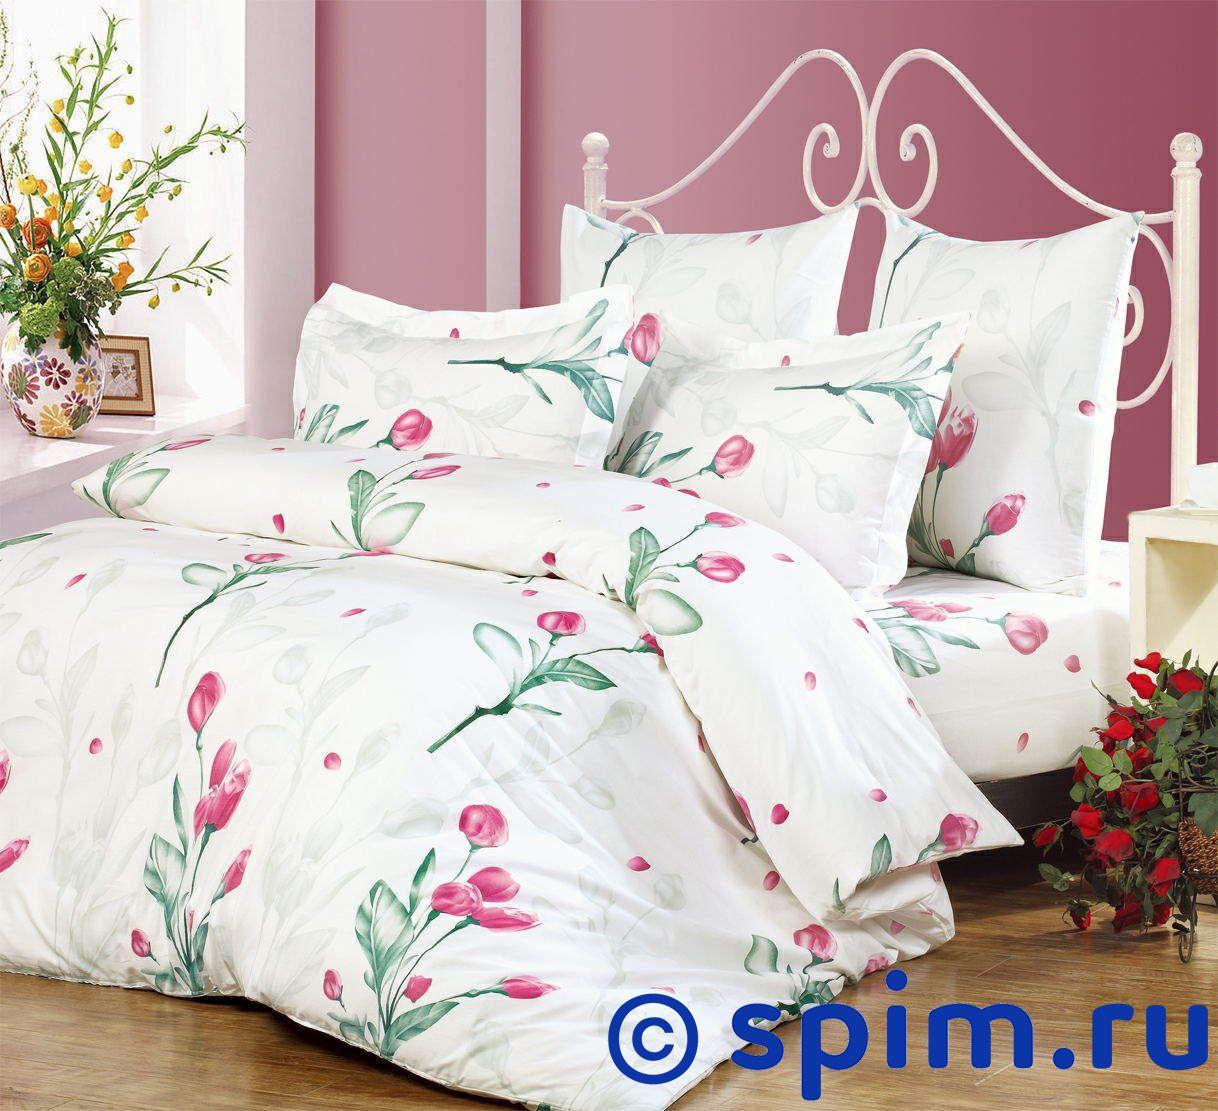 Комплект СайлиД А152 1.5 спальное